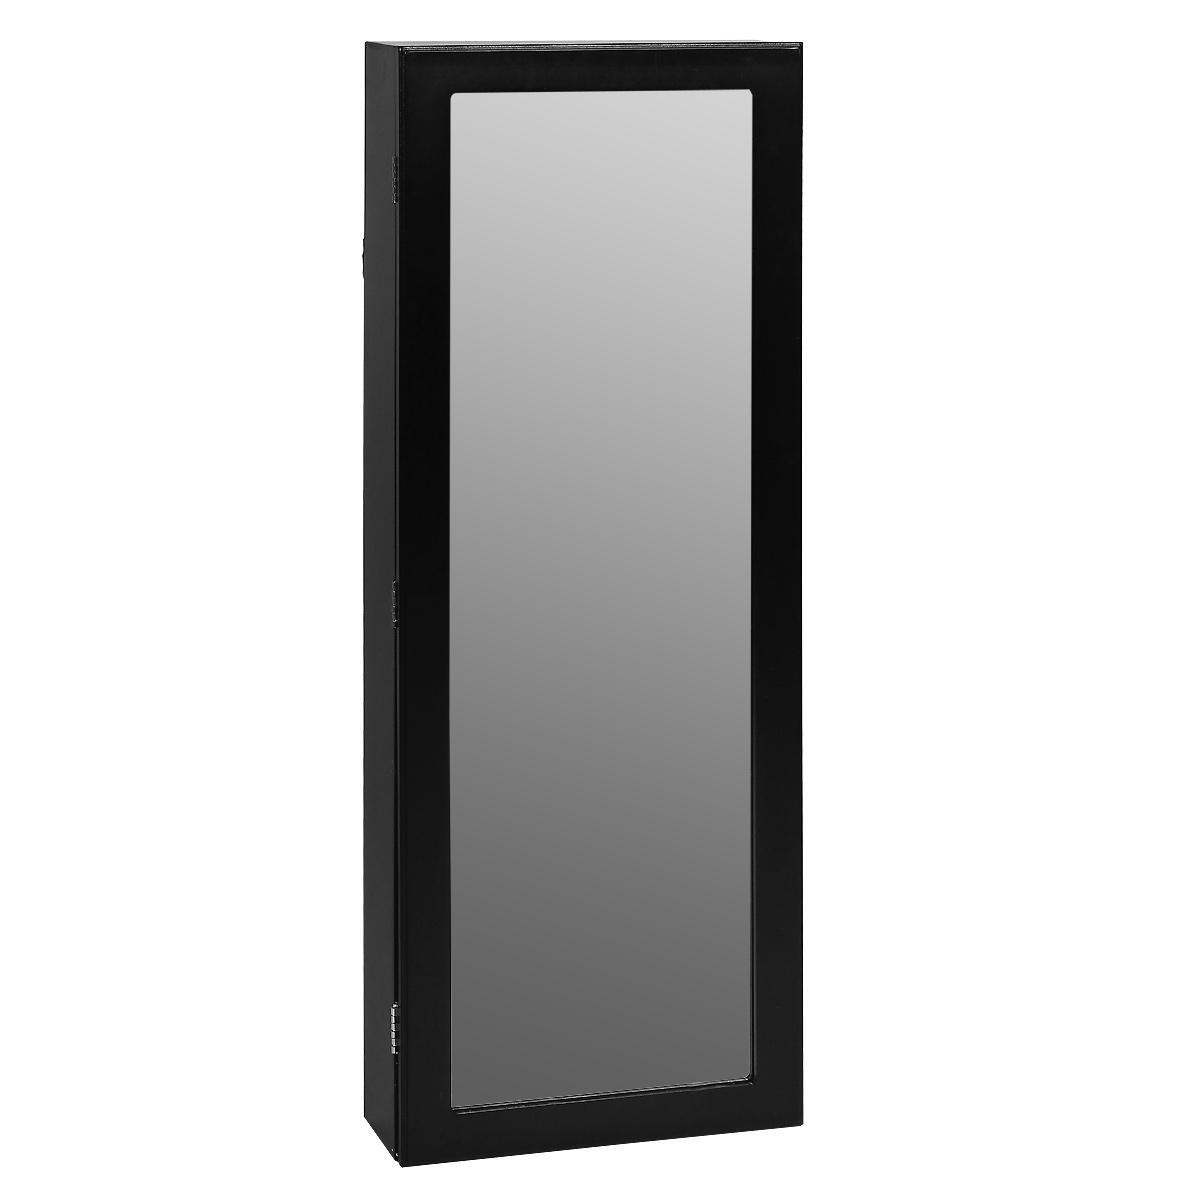 Зеркало-шкаф Bradex Тайник, цвет: черный, 10,5 х 36,8 х 101,5 смTD 0226Тайник - это одновременно и шкаф для бижутерии, и зеркало. Подходящее по габаритам для практически любого помещения, зеркало-шкаф поможет Вам красиво уложить Ваши сокровища, при этом Вы не будете терять украшения и всегда будете иметь весь ассортимент под рукой. Внутри шкафа находится множество крючков. На дверце расположено зеркало, которое украсит Вашу комнату и зрительно увеличит ее. Зеркало-шкаф удобно крепится на стене с помощью входящих в комплект шурупов и дюпелей.